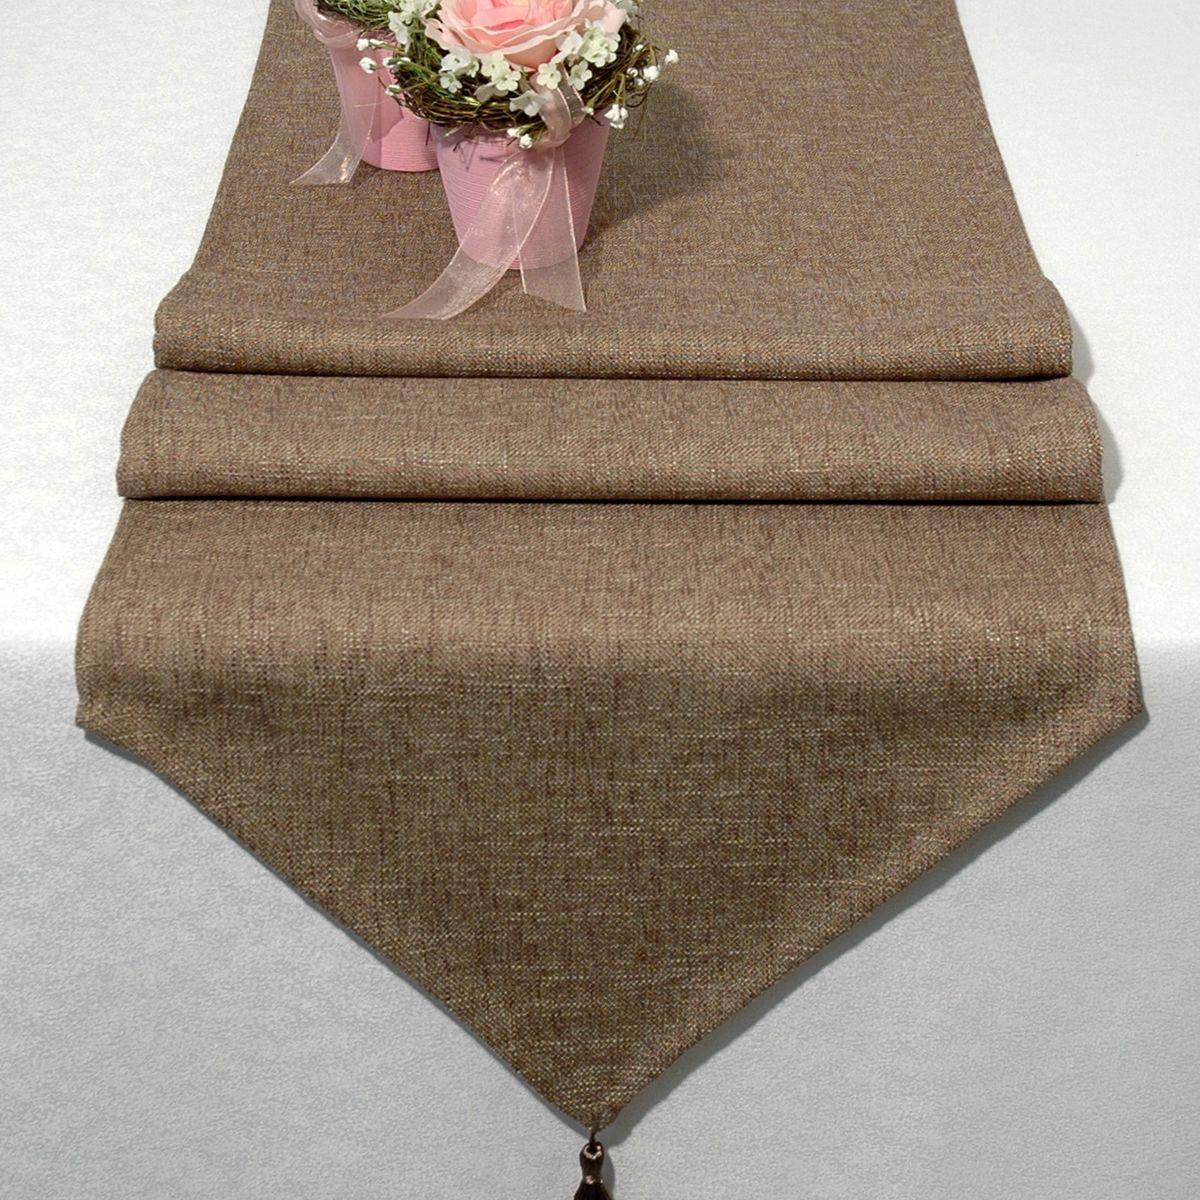 Дорожка для декорирования стола Schaefer, 40 x 160 см, цвет: светло-коричневый. 06747-254VT-1520(SR)Дорожка для декорирования стола Schaefer может быть использована, как основной элемент, так и дополнение для создания уюта и романтического настроения.Дорожка выполнена из полиэстера. Изделие легко стирать: оно не мнется, не садится и быстро сохнет, более долговечно, чем изделие из натуральных волокон.Материал: полиэстер, акрил Размер: 40 x 160 см.